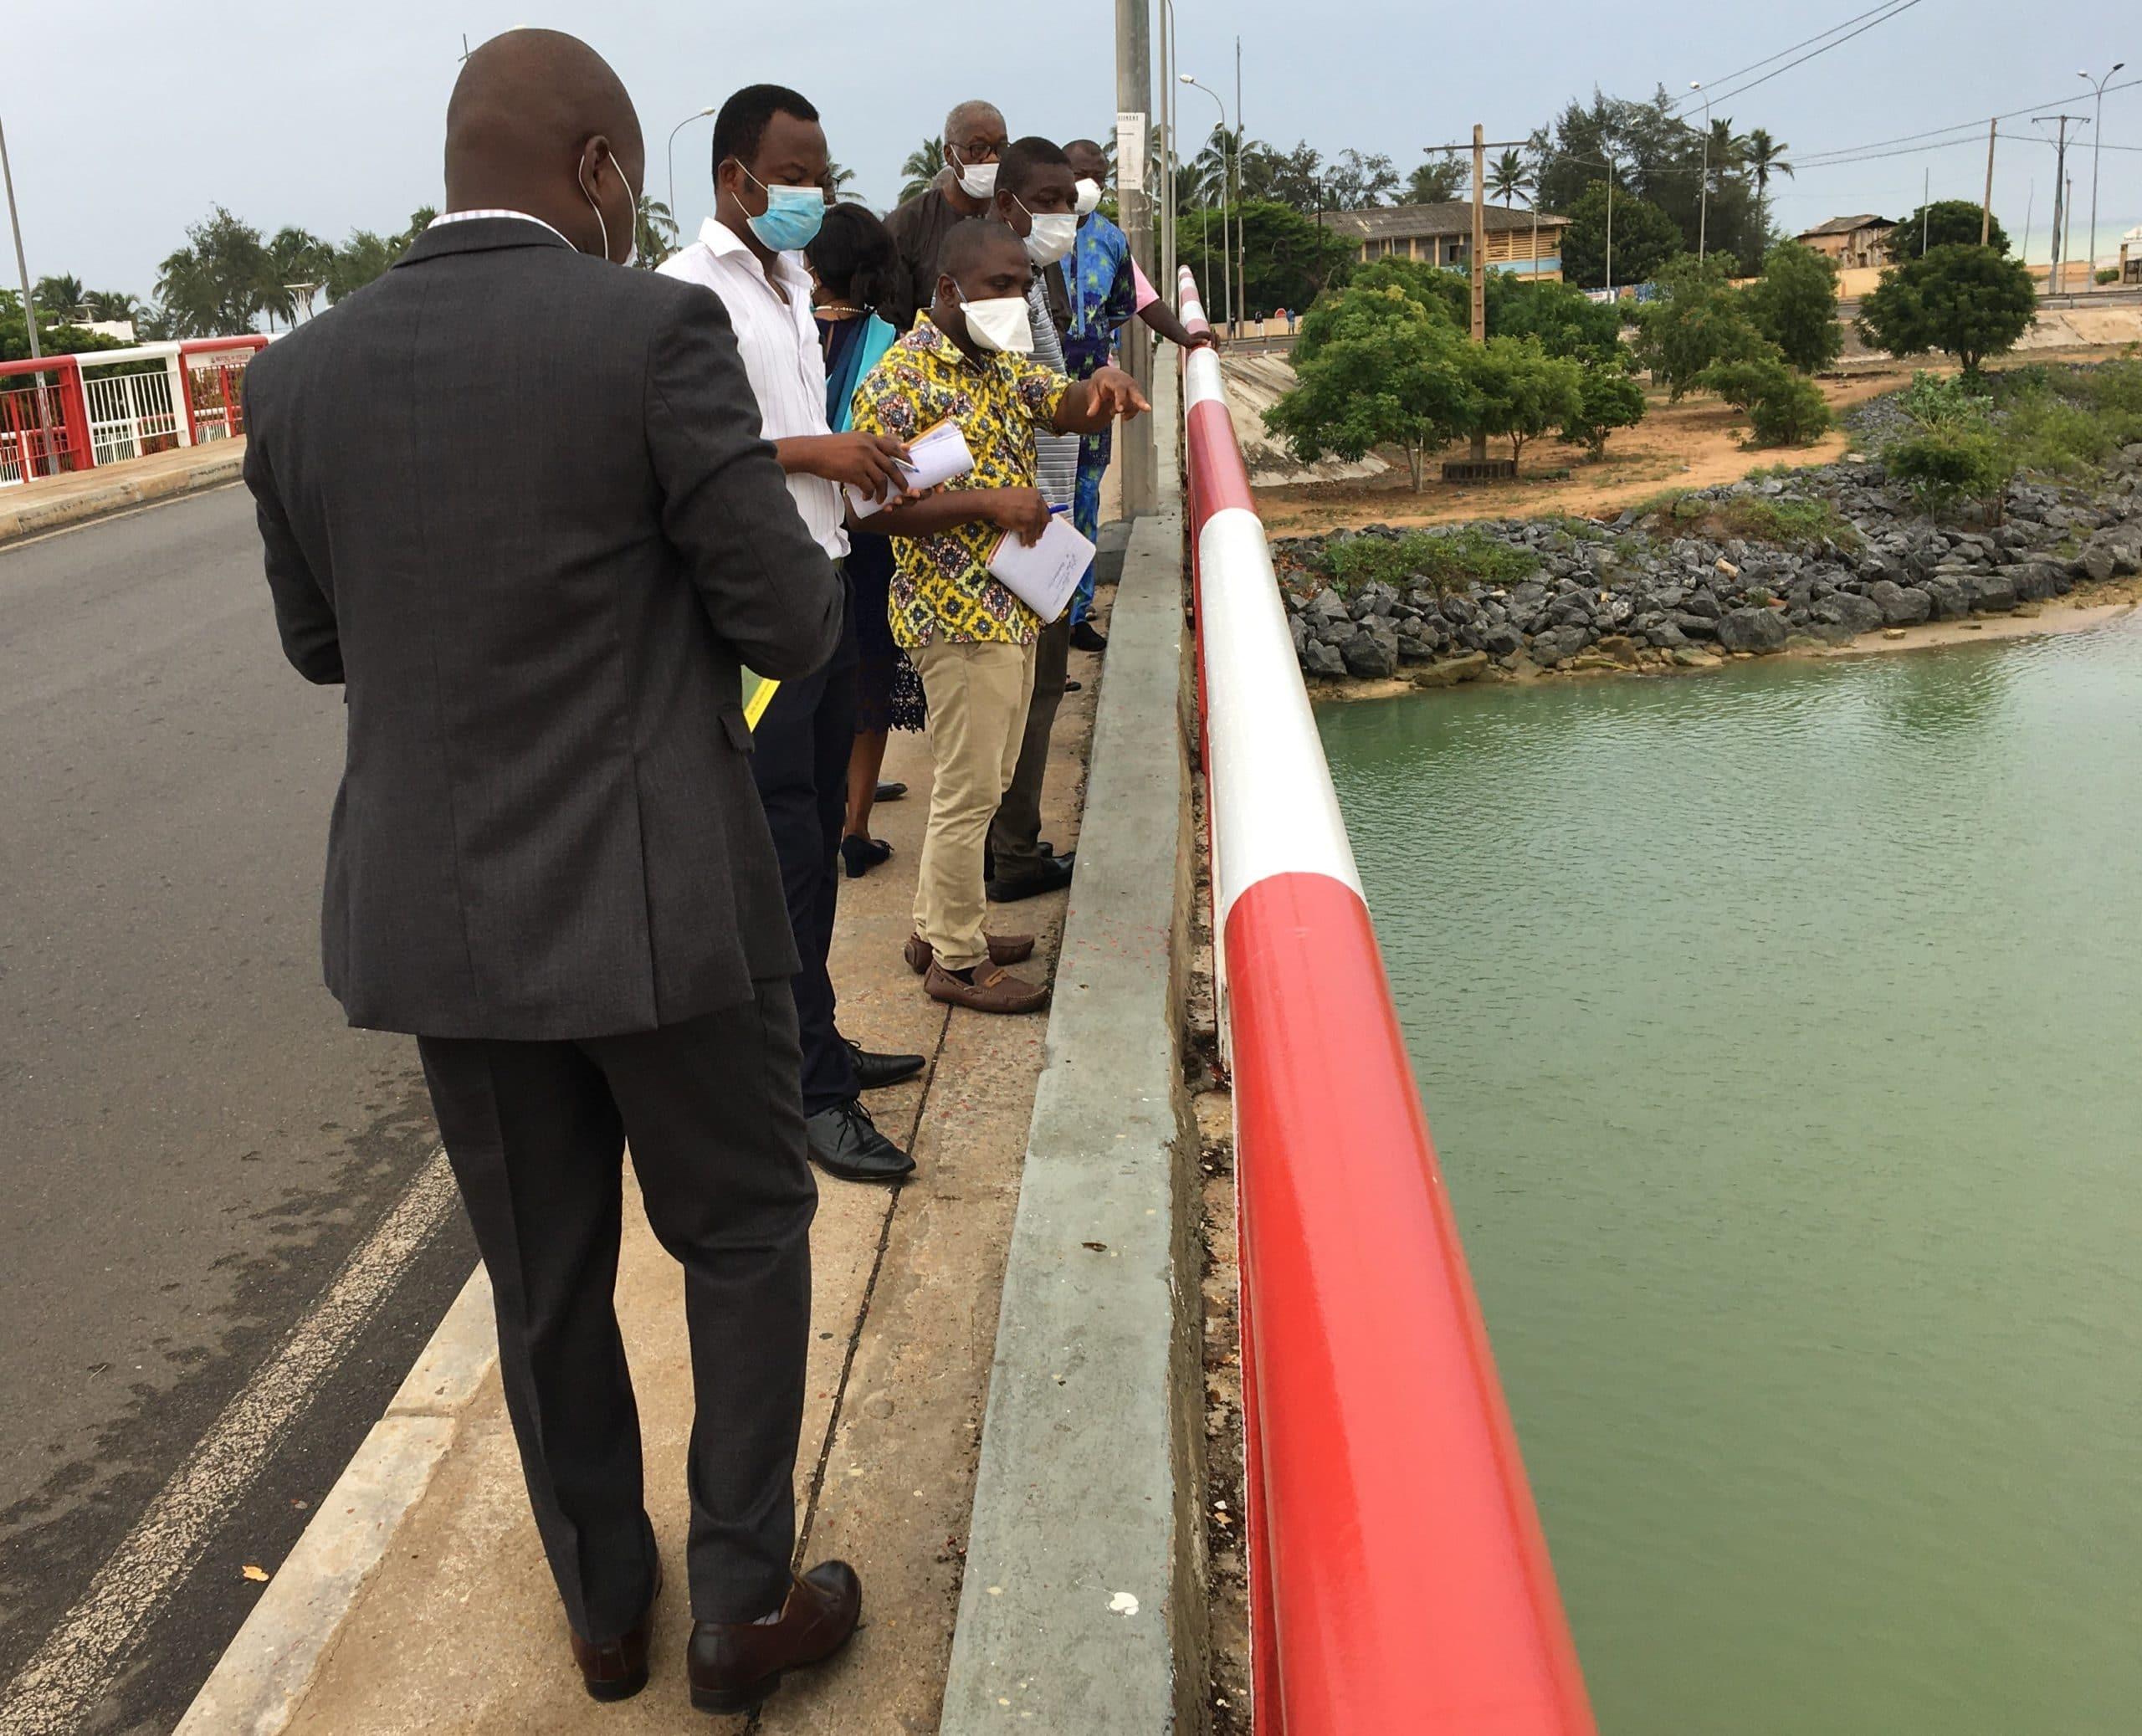 Sur le pont au berge de la lagune'